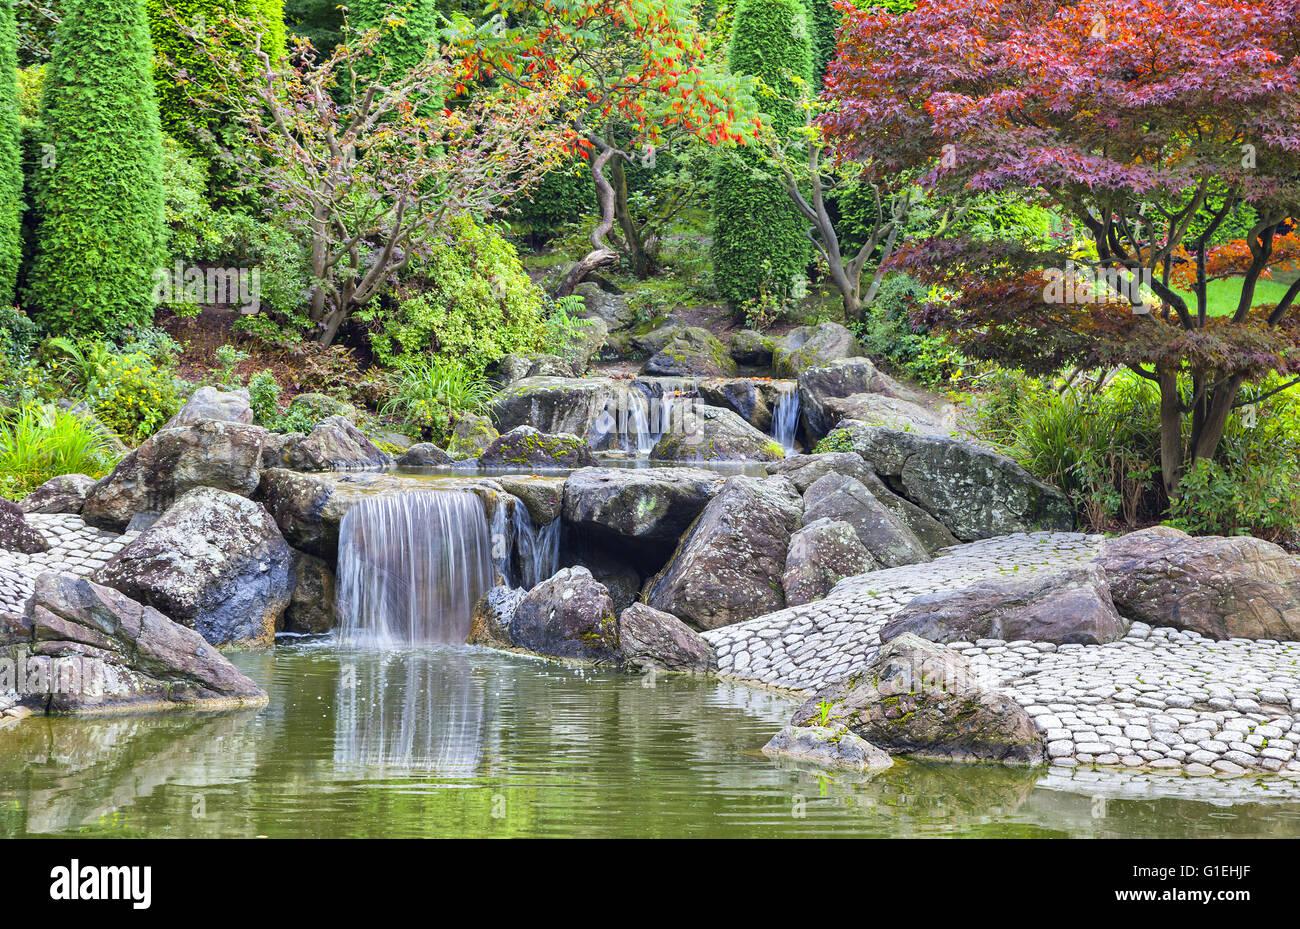 Cascade waterfall in Japanese garden in Bonn, Germany